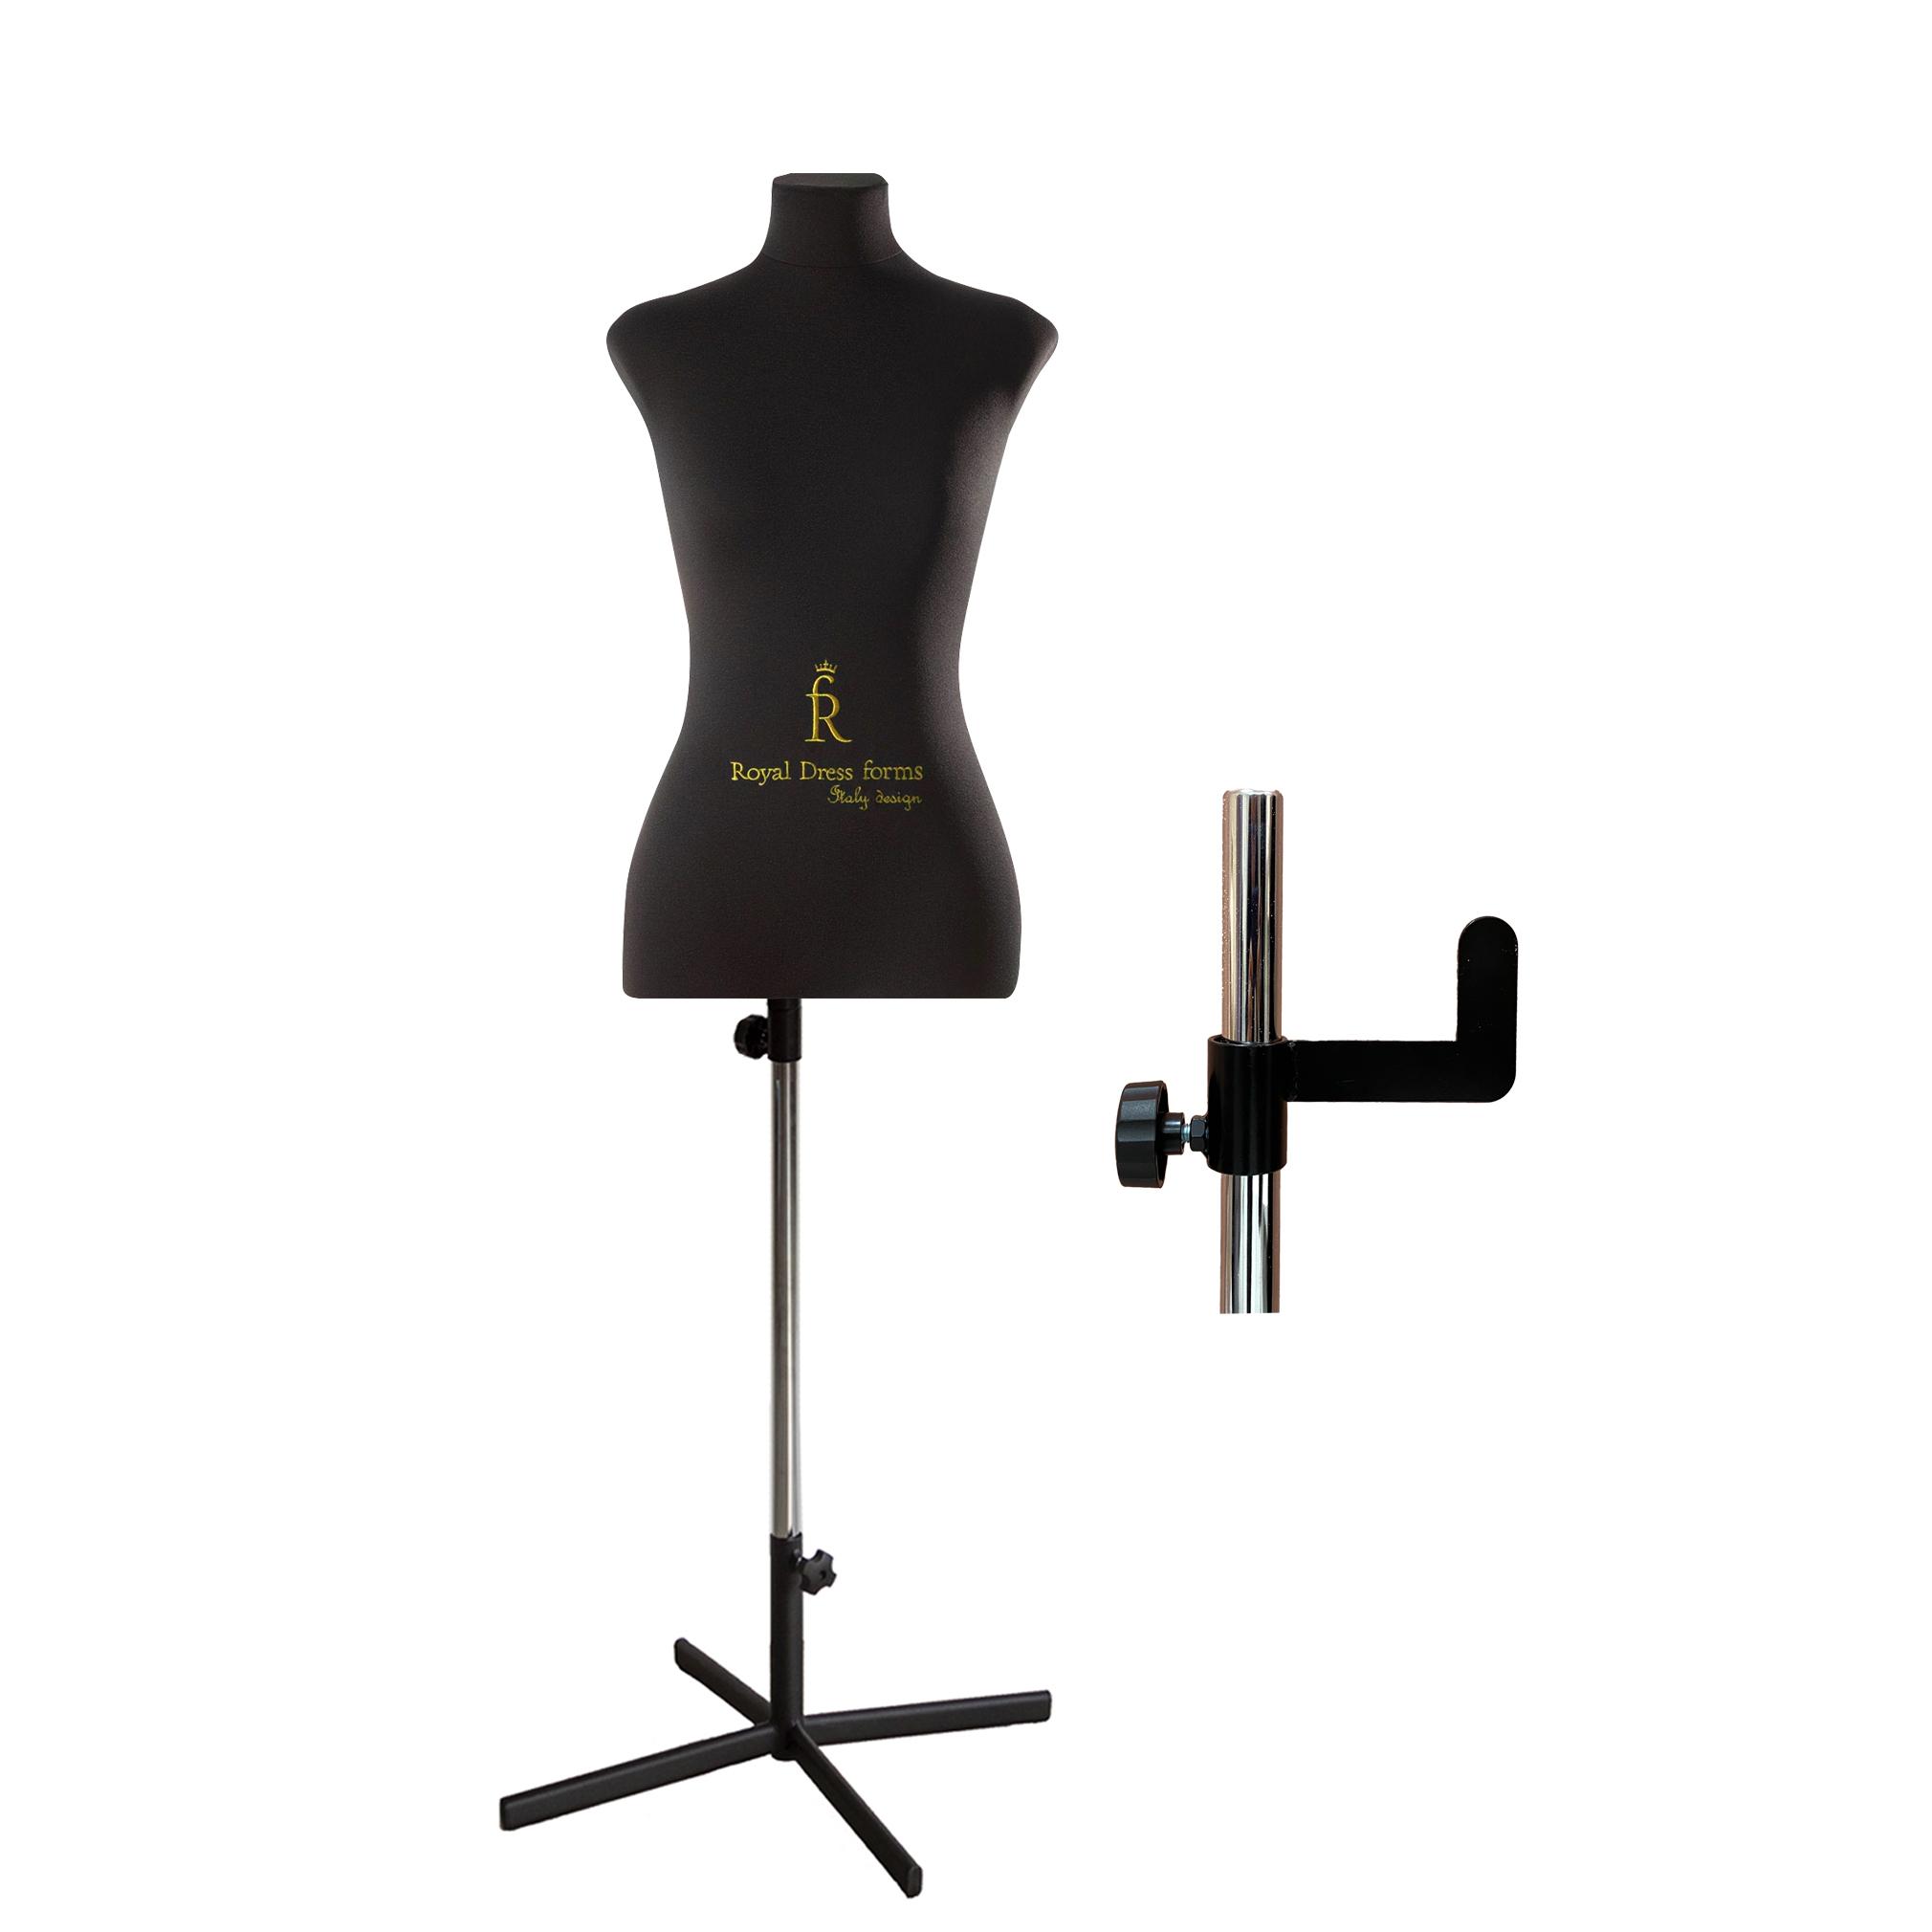 Манекен портновский Кристина, комплект Премиум, размер 54, цвет чёрный, в комплекте подставка